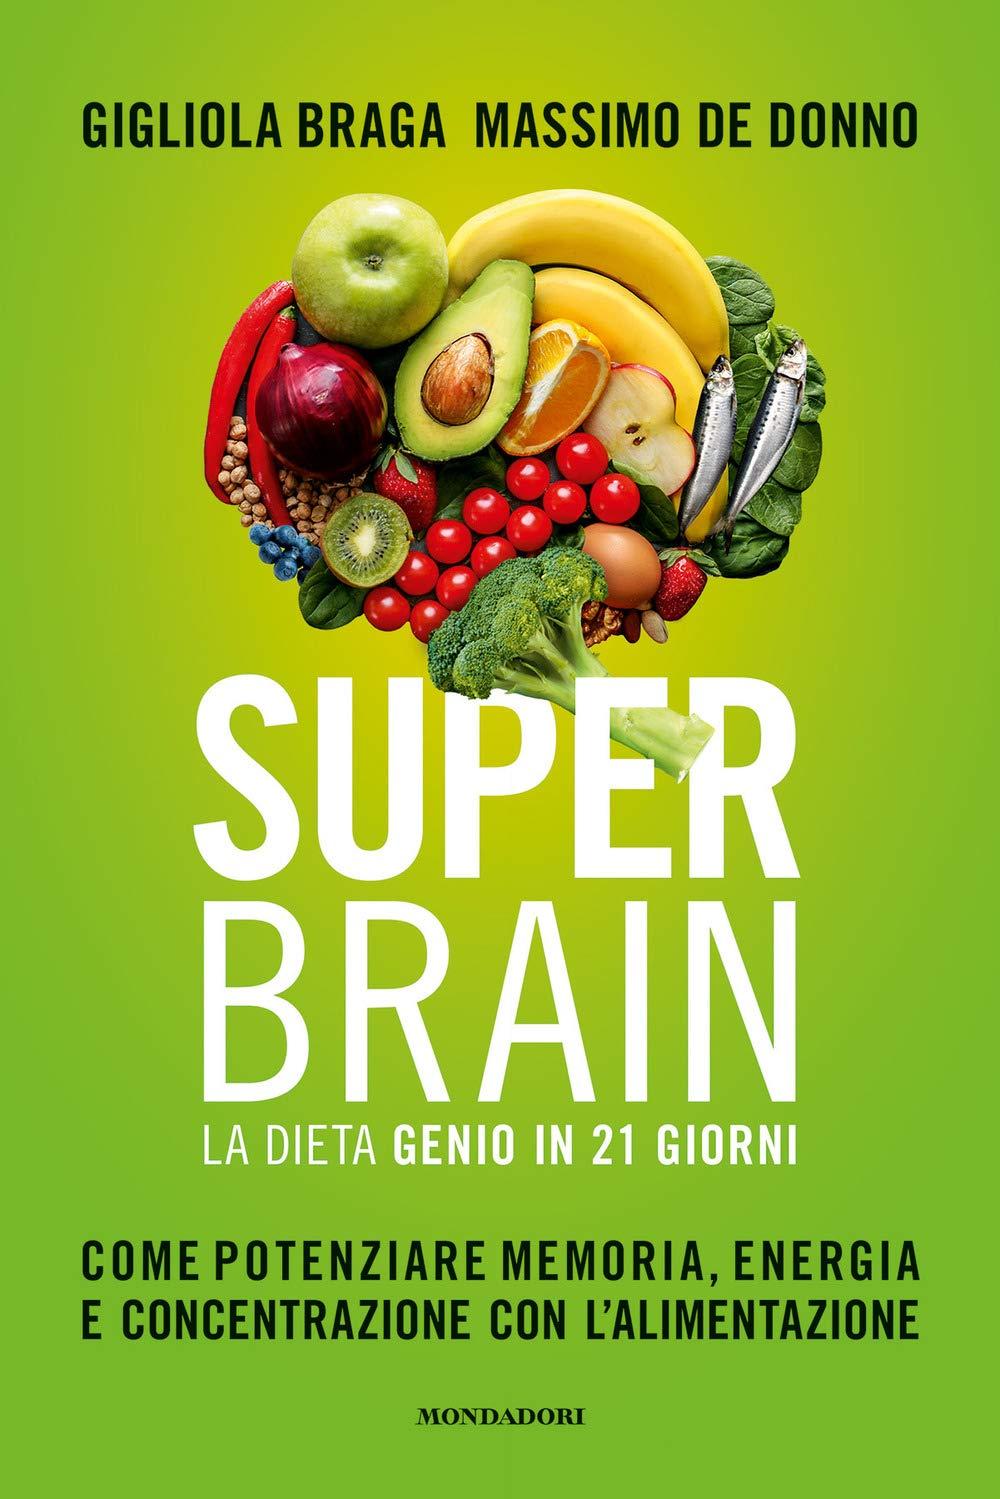 Gigliola Braga, Massimo De Donno - Super Brain con la dieta Genio in 21 giorni (2020)